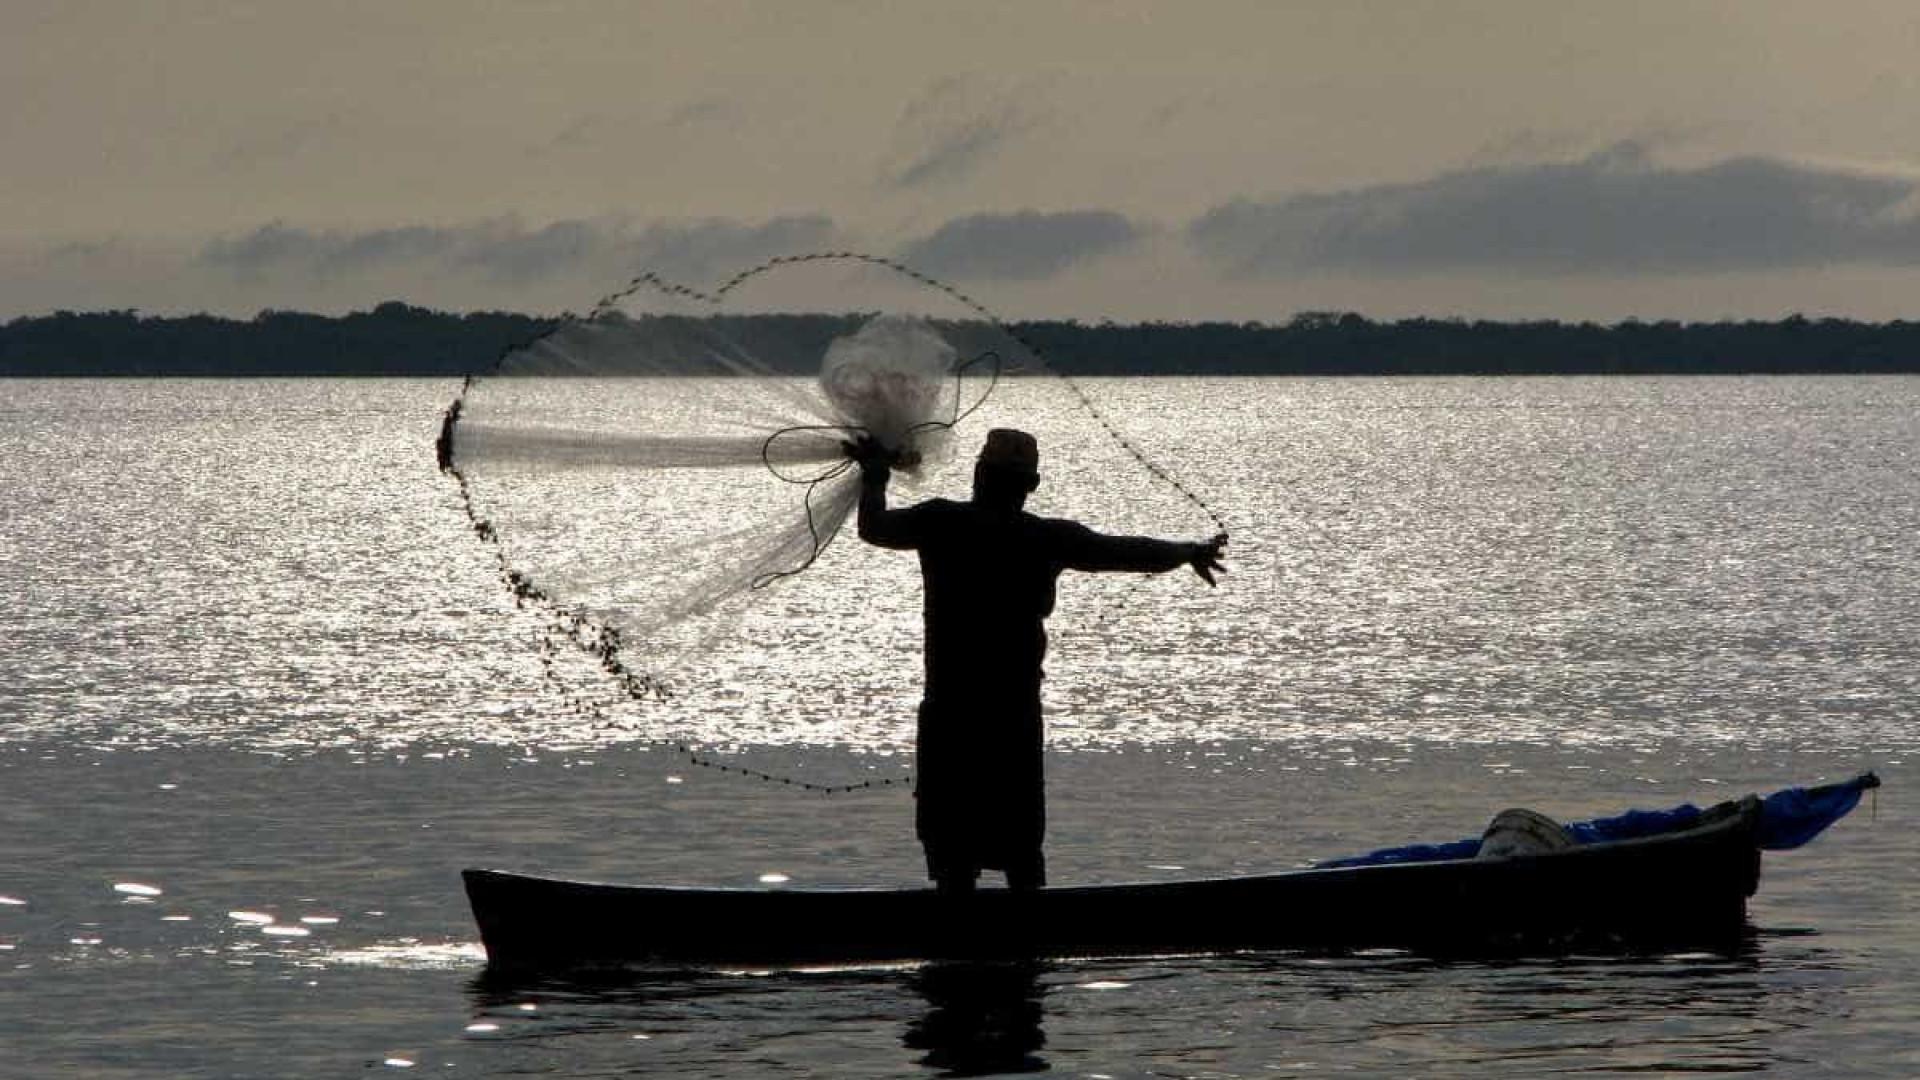 Pescador apanha de assaltantes por não ter dinheiro